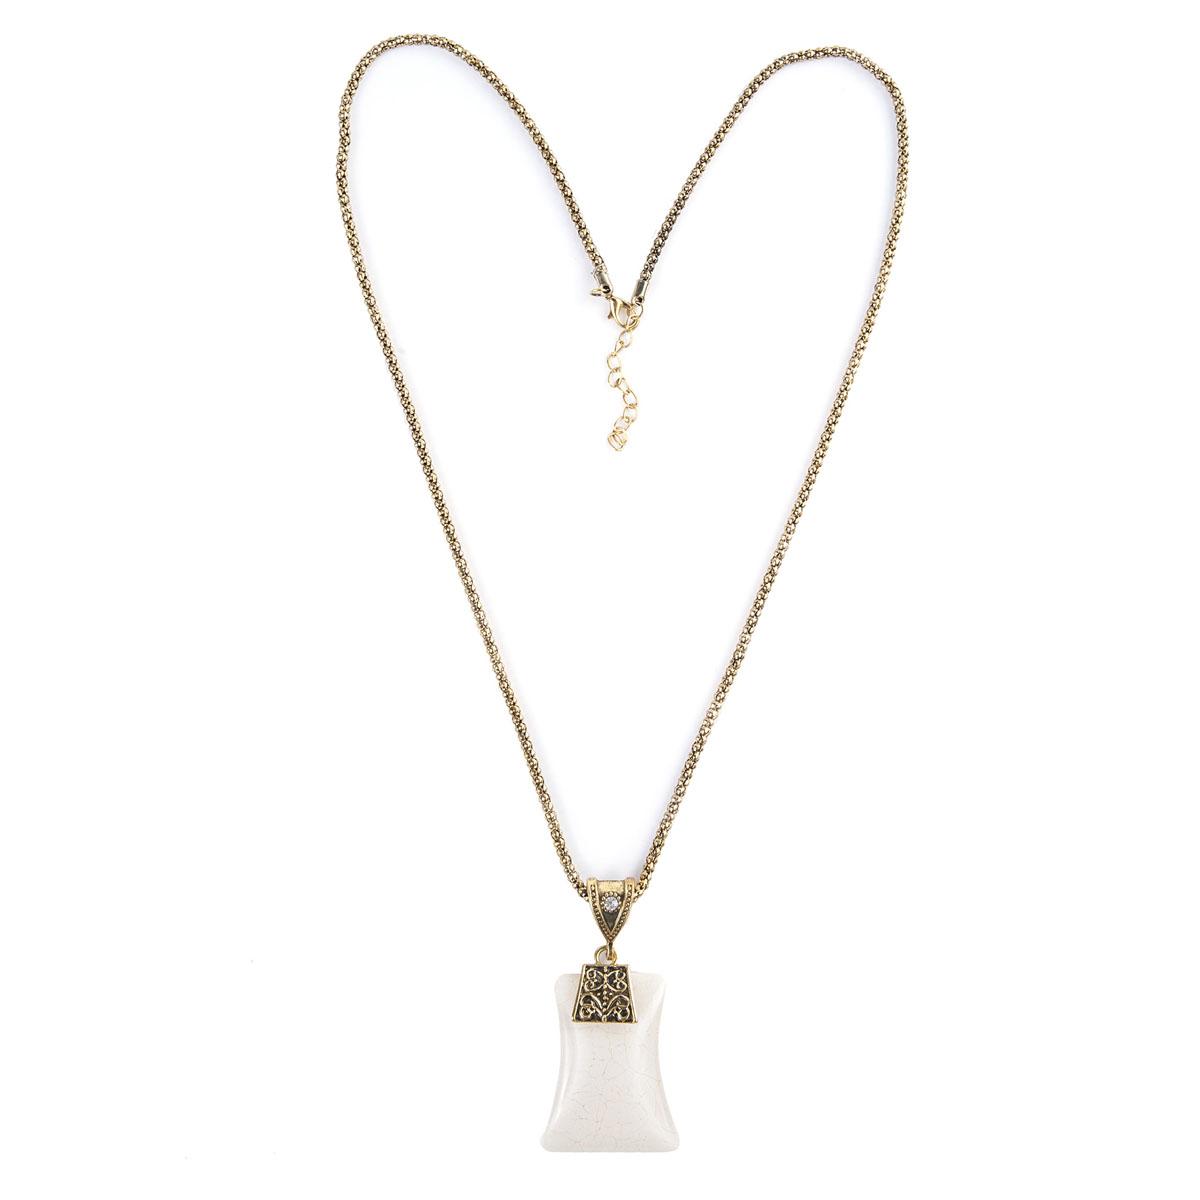 Ожерелье Модные истории, цвет: бежевый, золотой, черный. 12/0741/006P4522Роскошное ожерелье Модные истории, изготовленное из металла, состоит из цепочки и стильной подвески. Металлическая подвеска оригинальной формы украшена гравированными узорами и оформлена стразом, а также крупным искусственным камнем из акриловой смолы. В комплект с подвеской входят металлическая цепочка и текстильный шнурок, которые застегиваются на замок-карабин. Длина ожерелья регулируется.Изысканное ожерелье добавит женственных ноток в образ и подчеркнет вашу утонченную натуру.